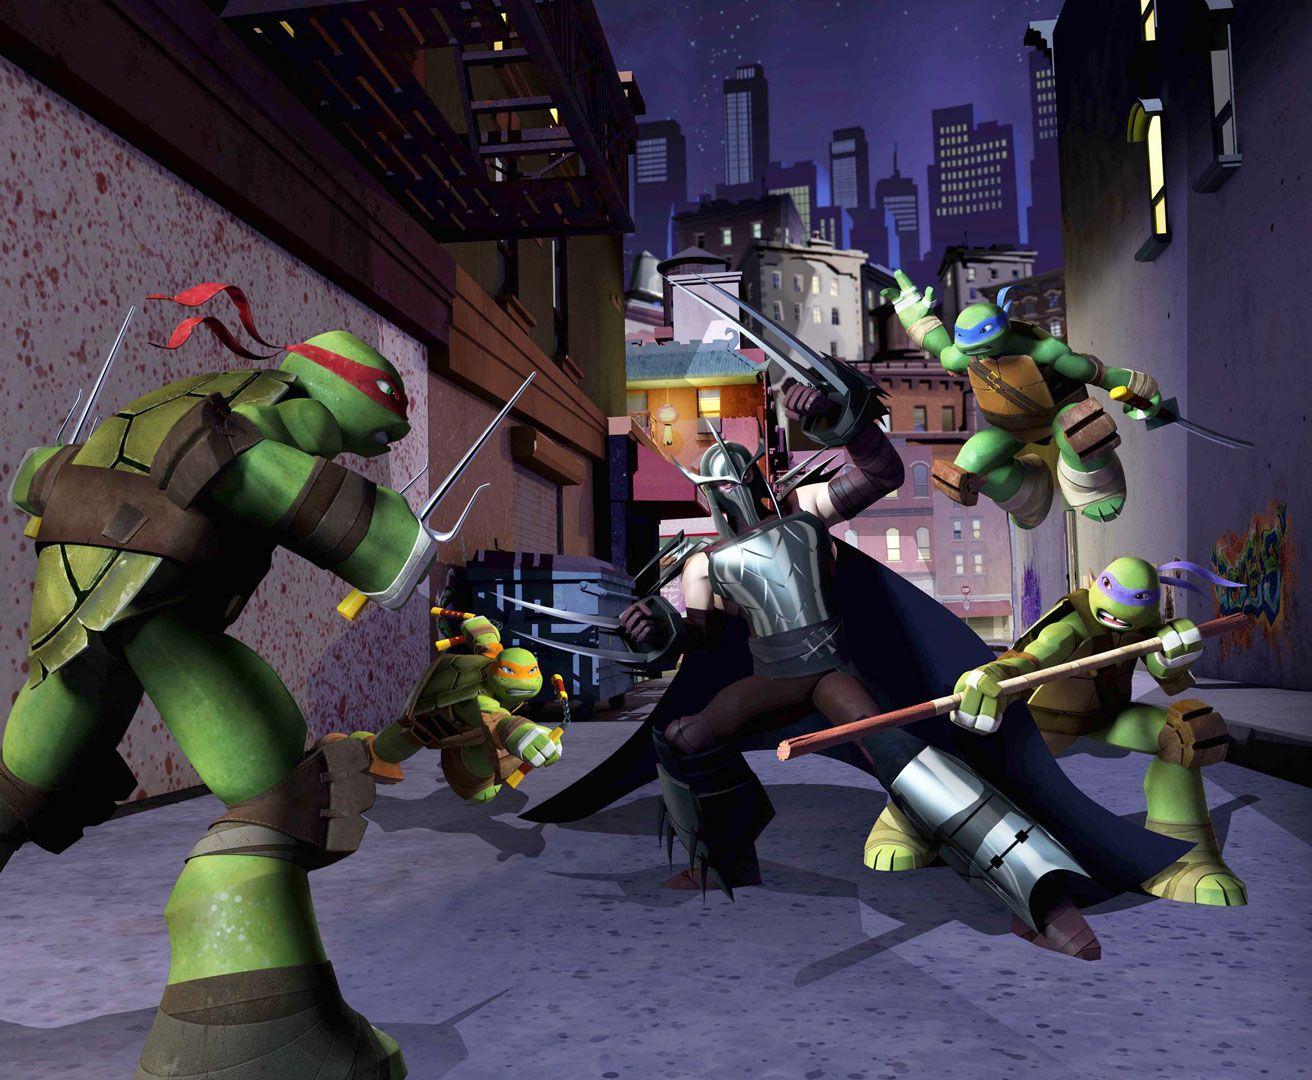 Ninja Turtles Nickelodeon Cast Of Teenage Mutant Ninja